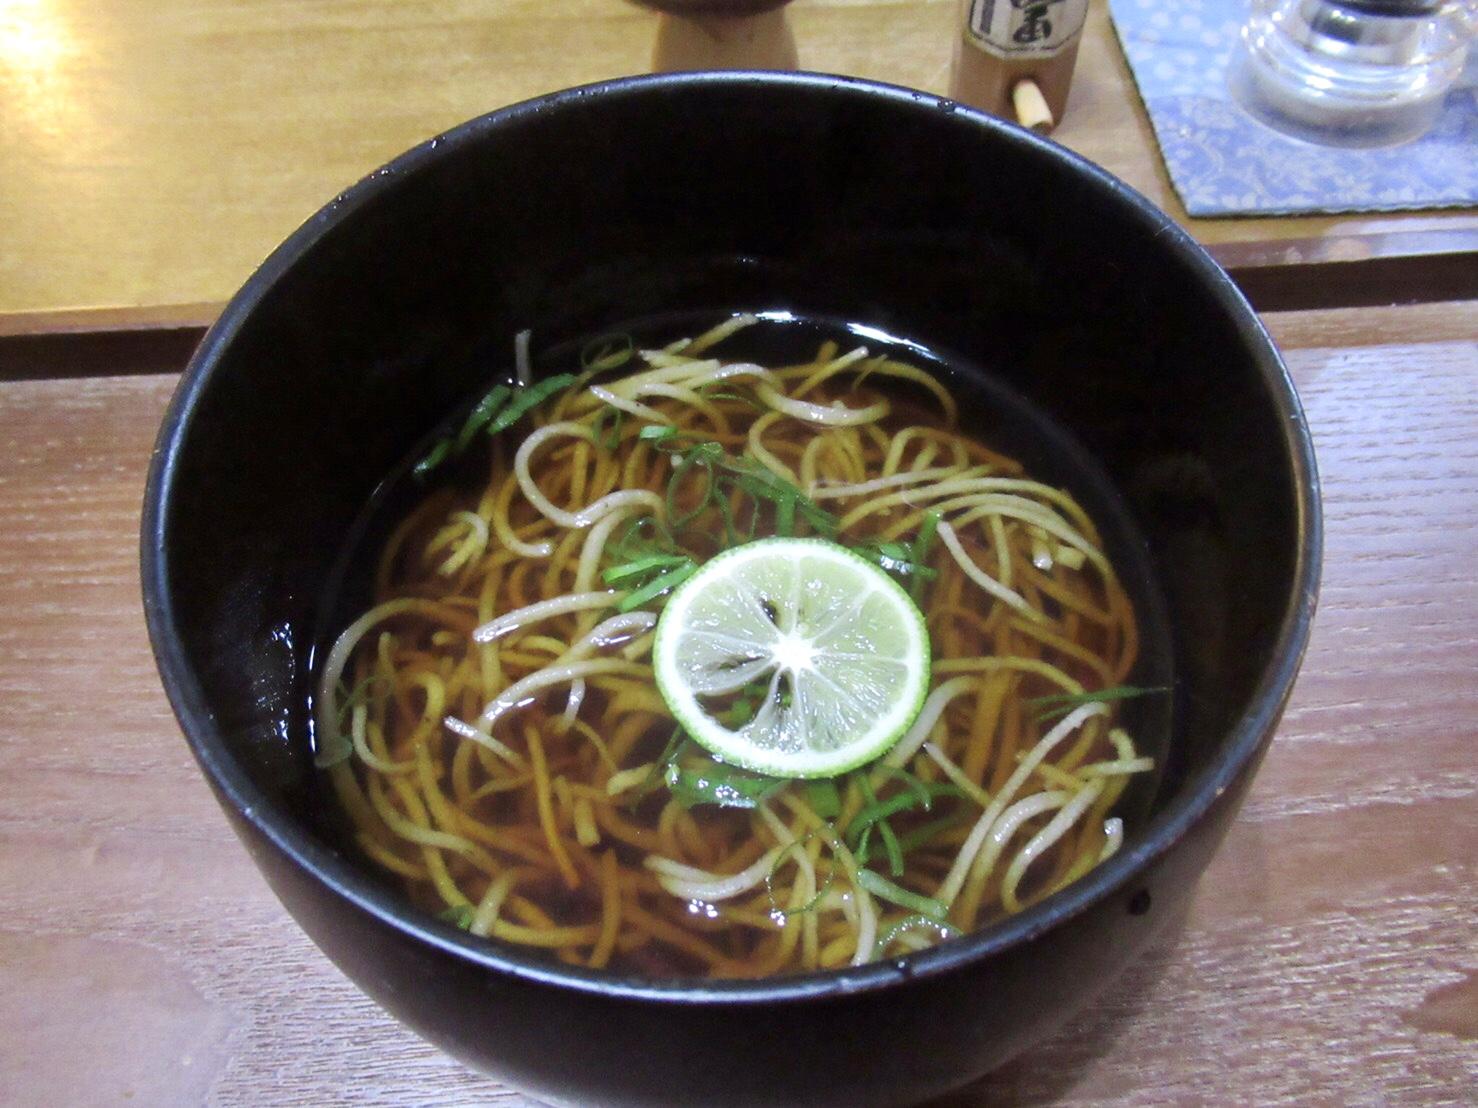 覚王山|石臼で挽いた蕎麦や蕎麦粉を使用した料理がいただける蕎麦カフェ